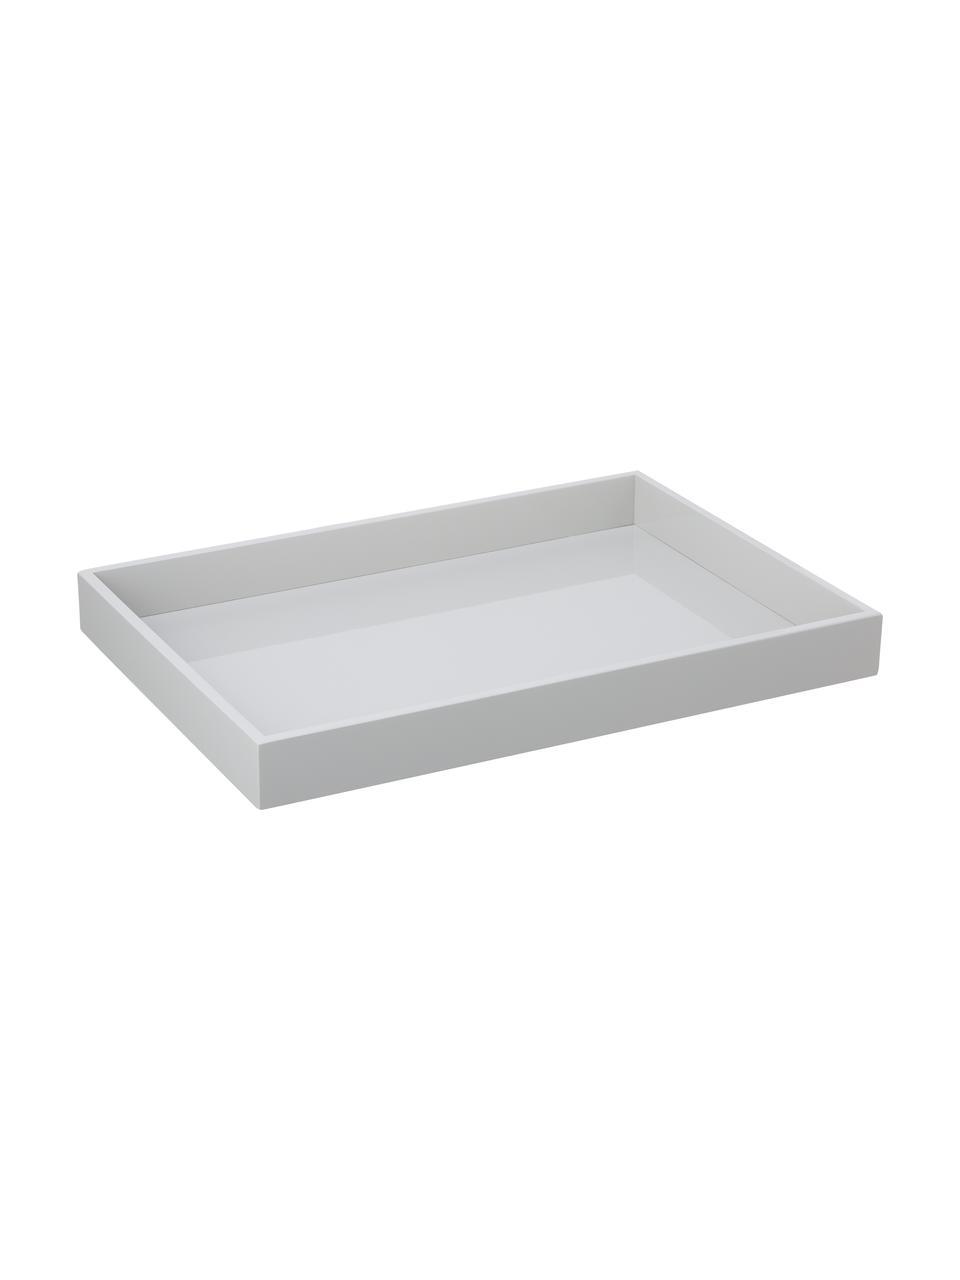 Vysoce lesklý tác Hayley, D 50 x Š 35 cm, Světle šedá Spodní strana: světle šedá